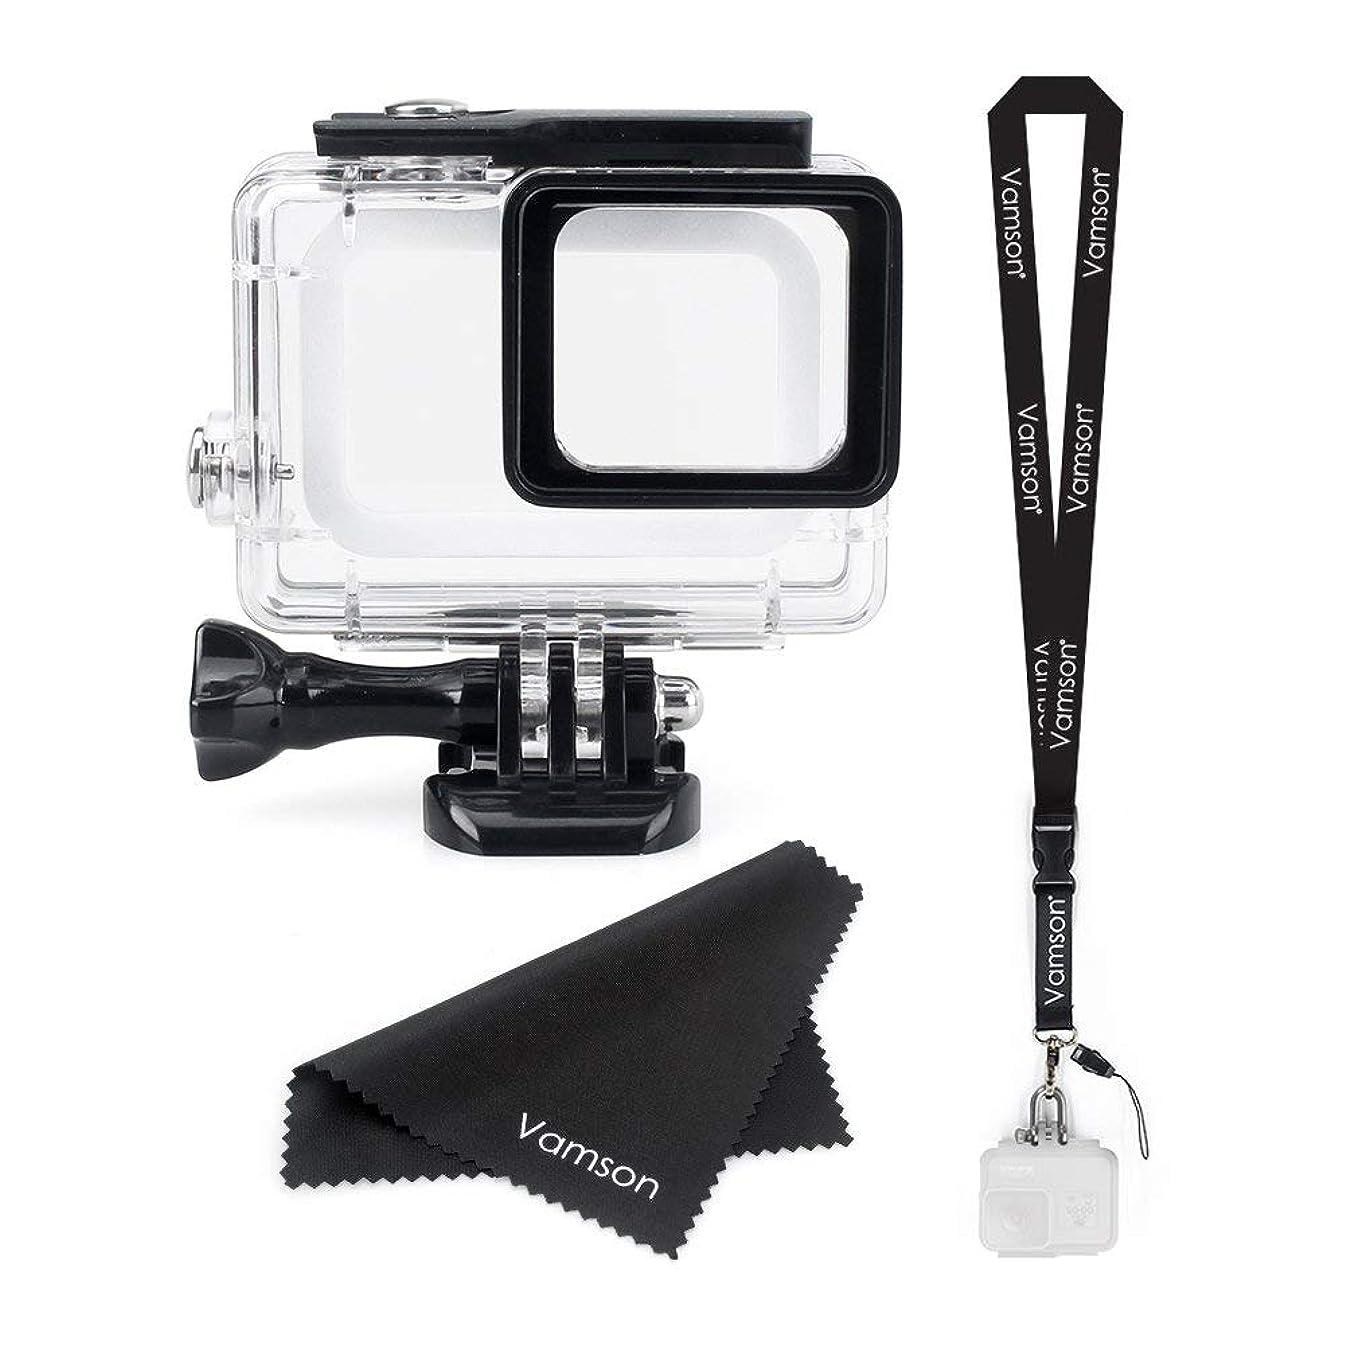 意識的外交腹SoarUp 防水ケース 防水袋 デジタルカメラ用 高品質 一眼レフカメラ 透明ブラック